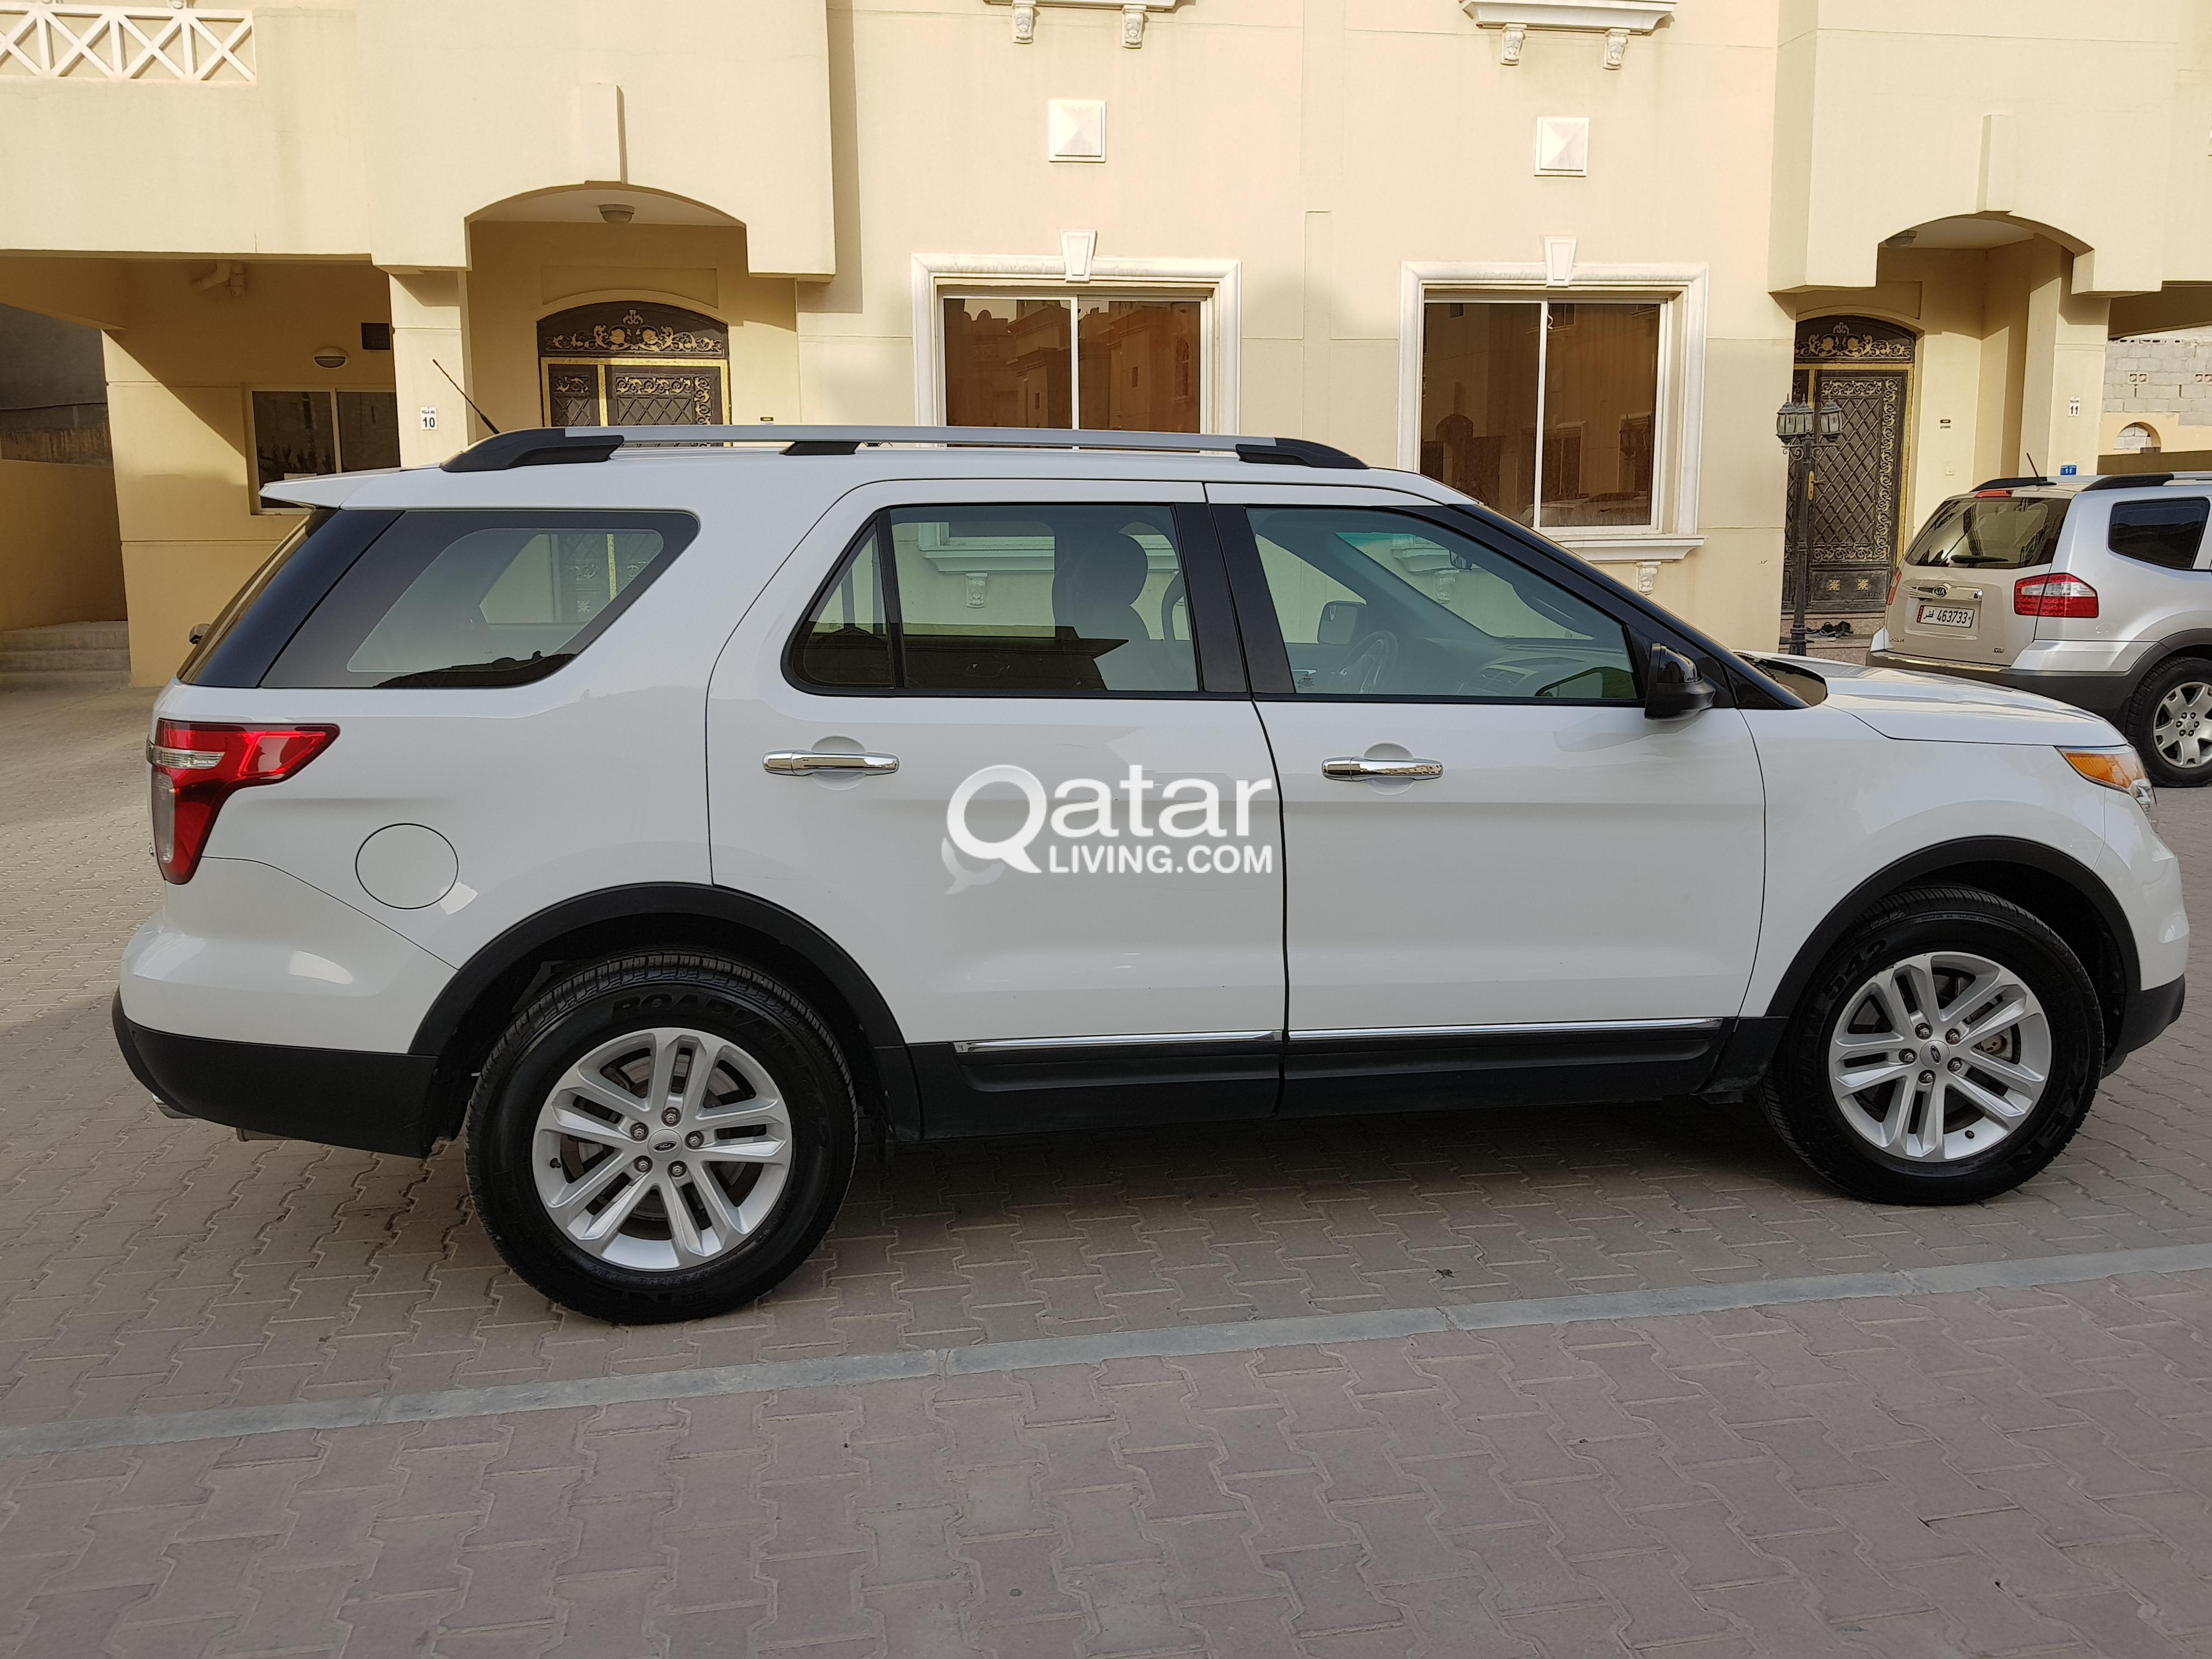 Urgent sale ford explorer 2014 under warranty final price 50000qr qatar living